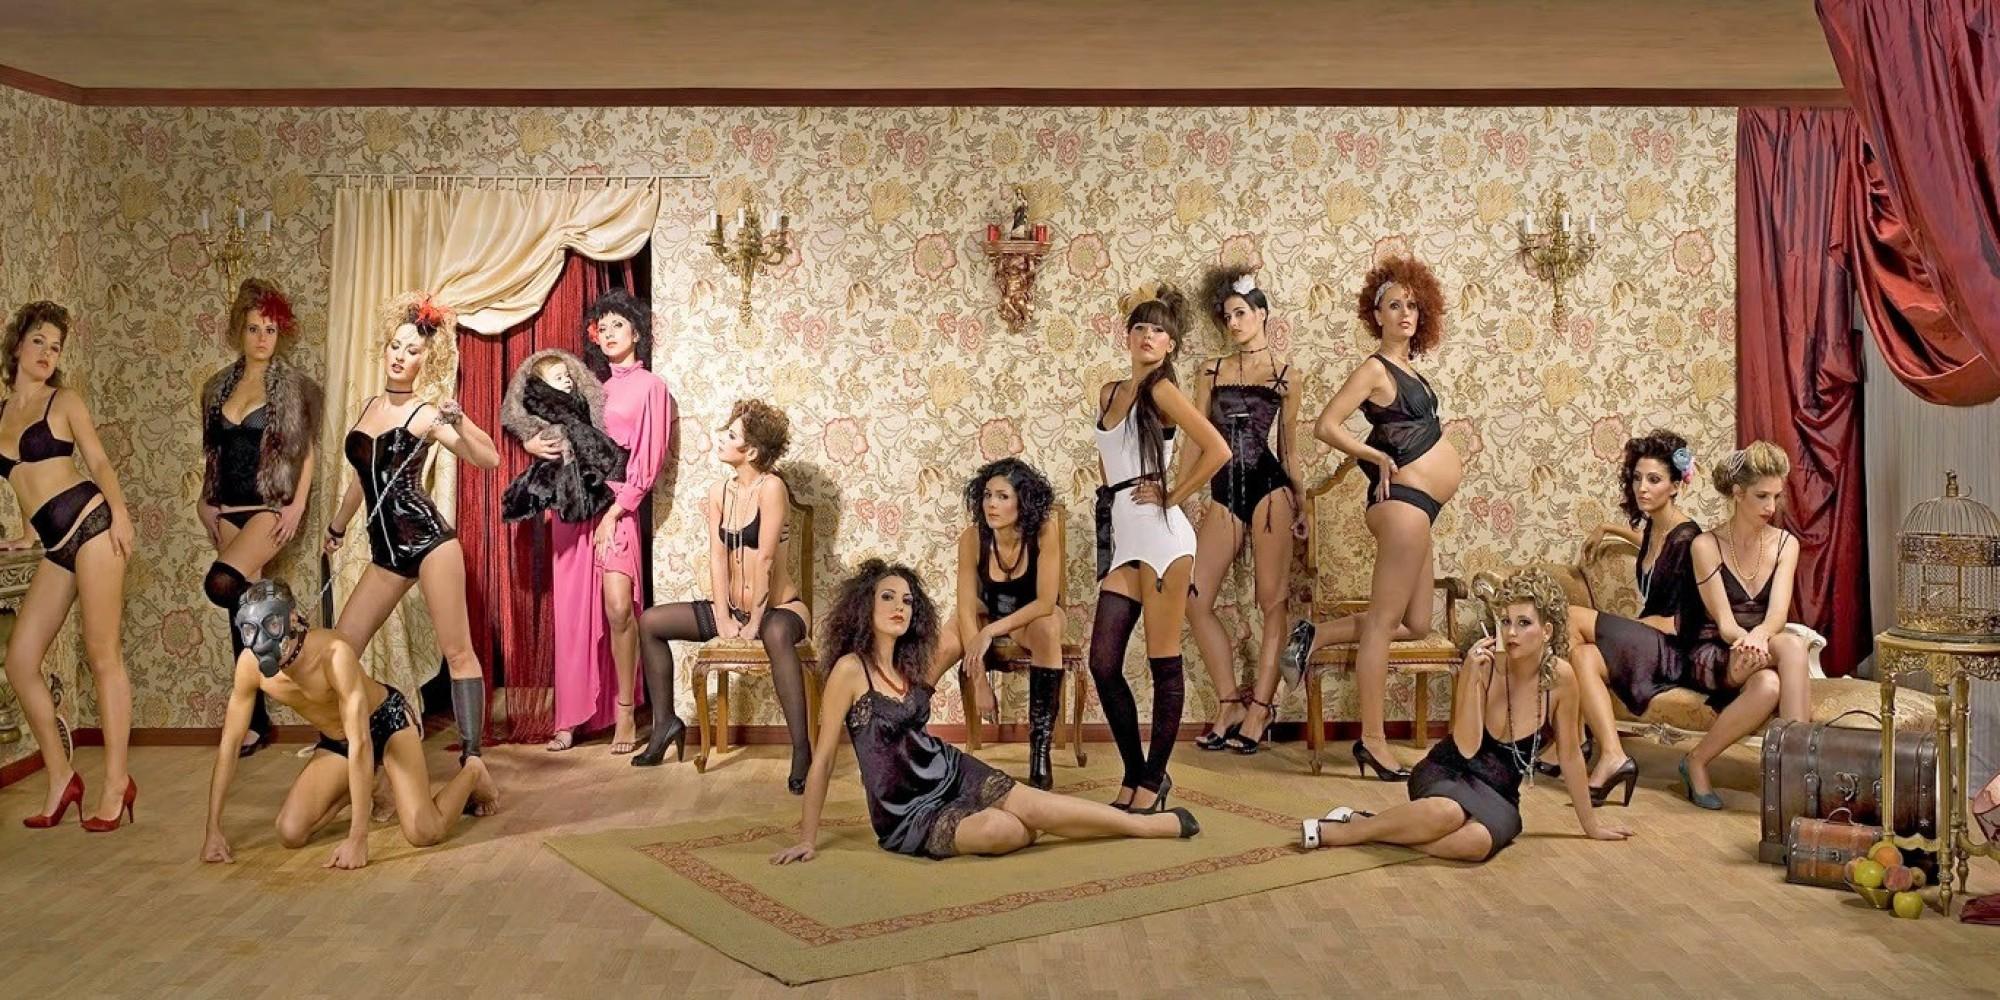 prostitutas fuerteventura prostitutas hombres